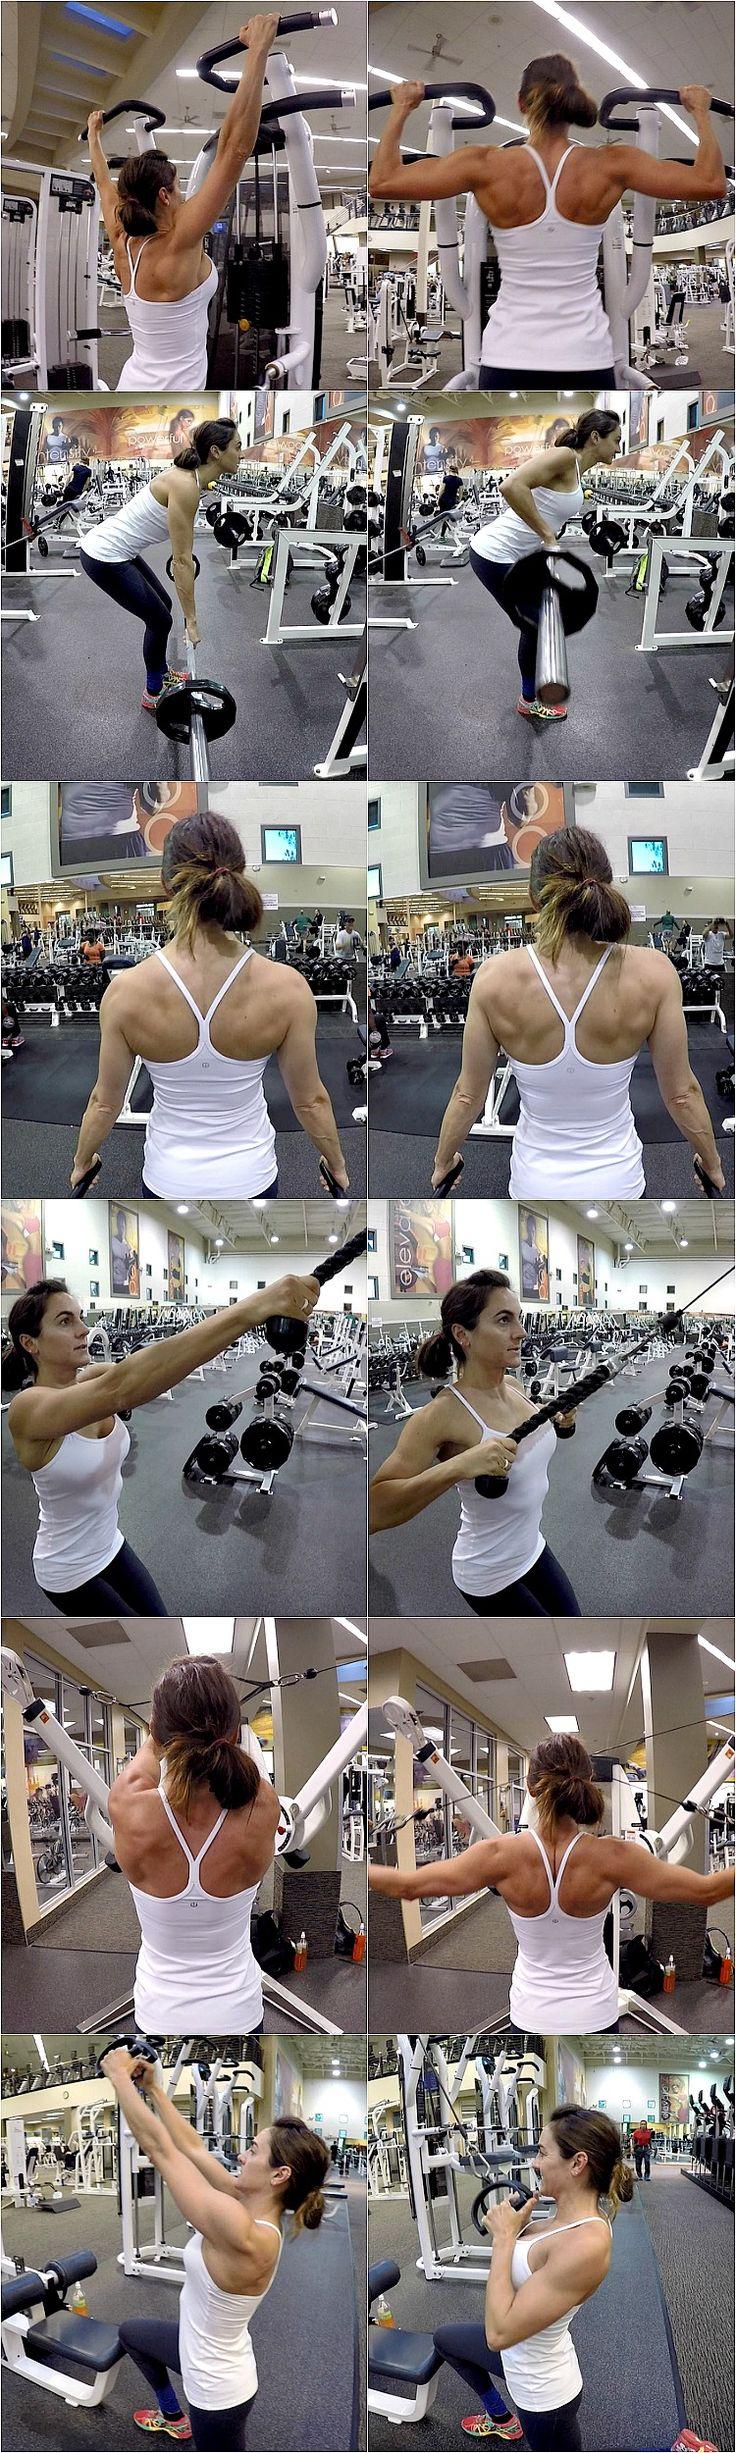 Топ-10 бесполезных упражнений в тренажерном зале для мужчин и девушек